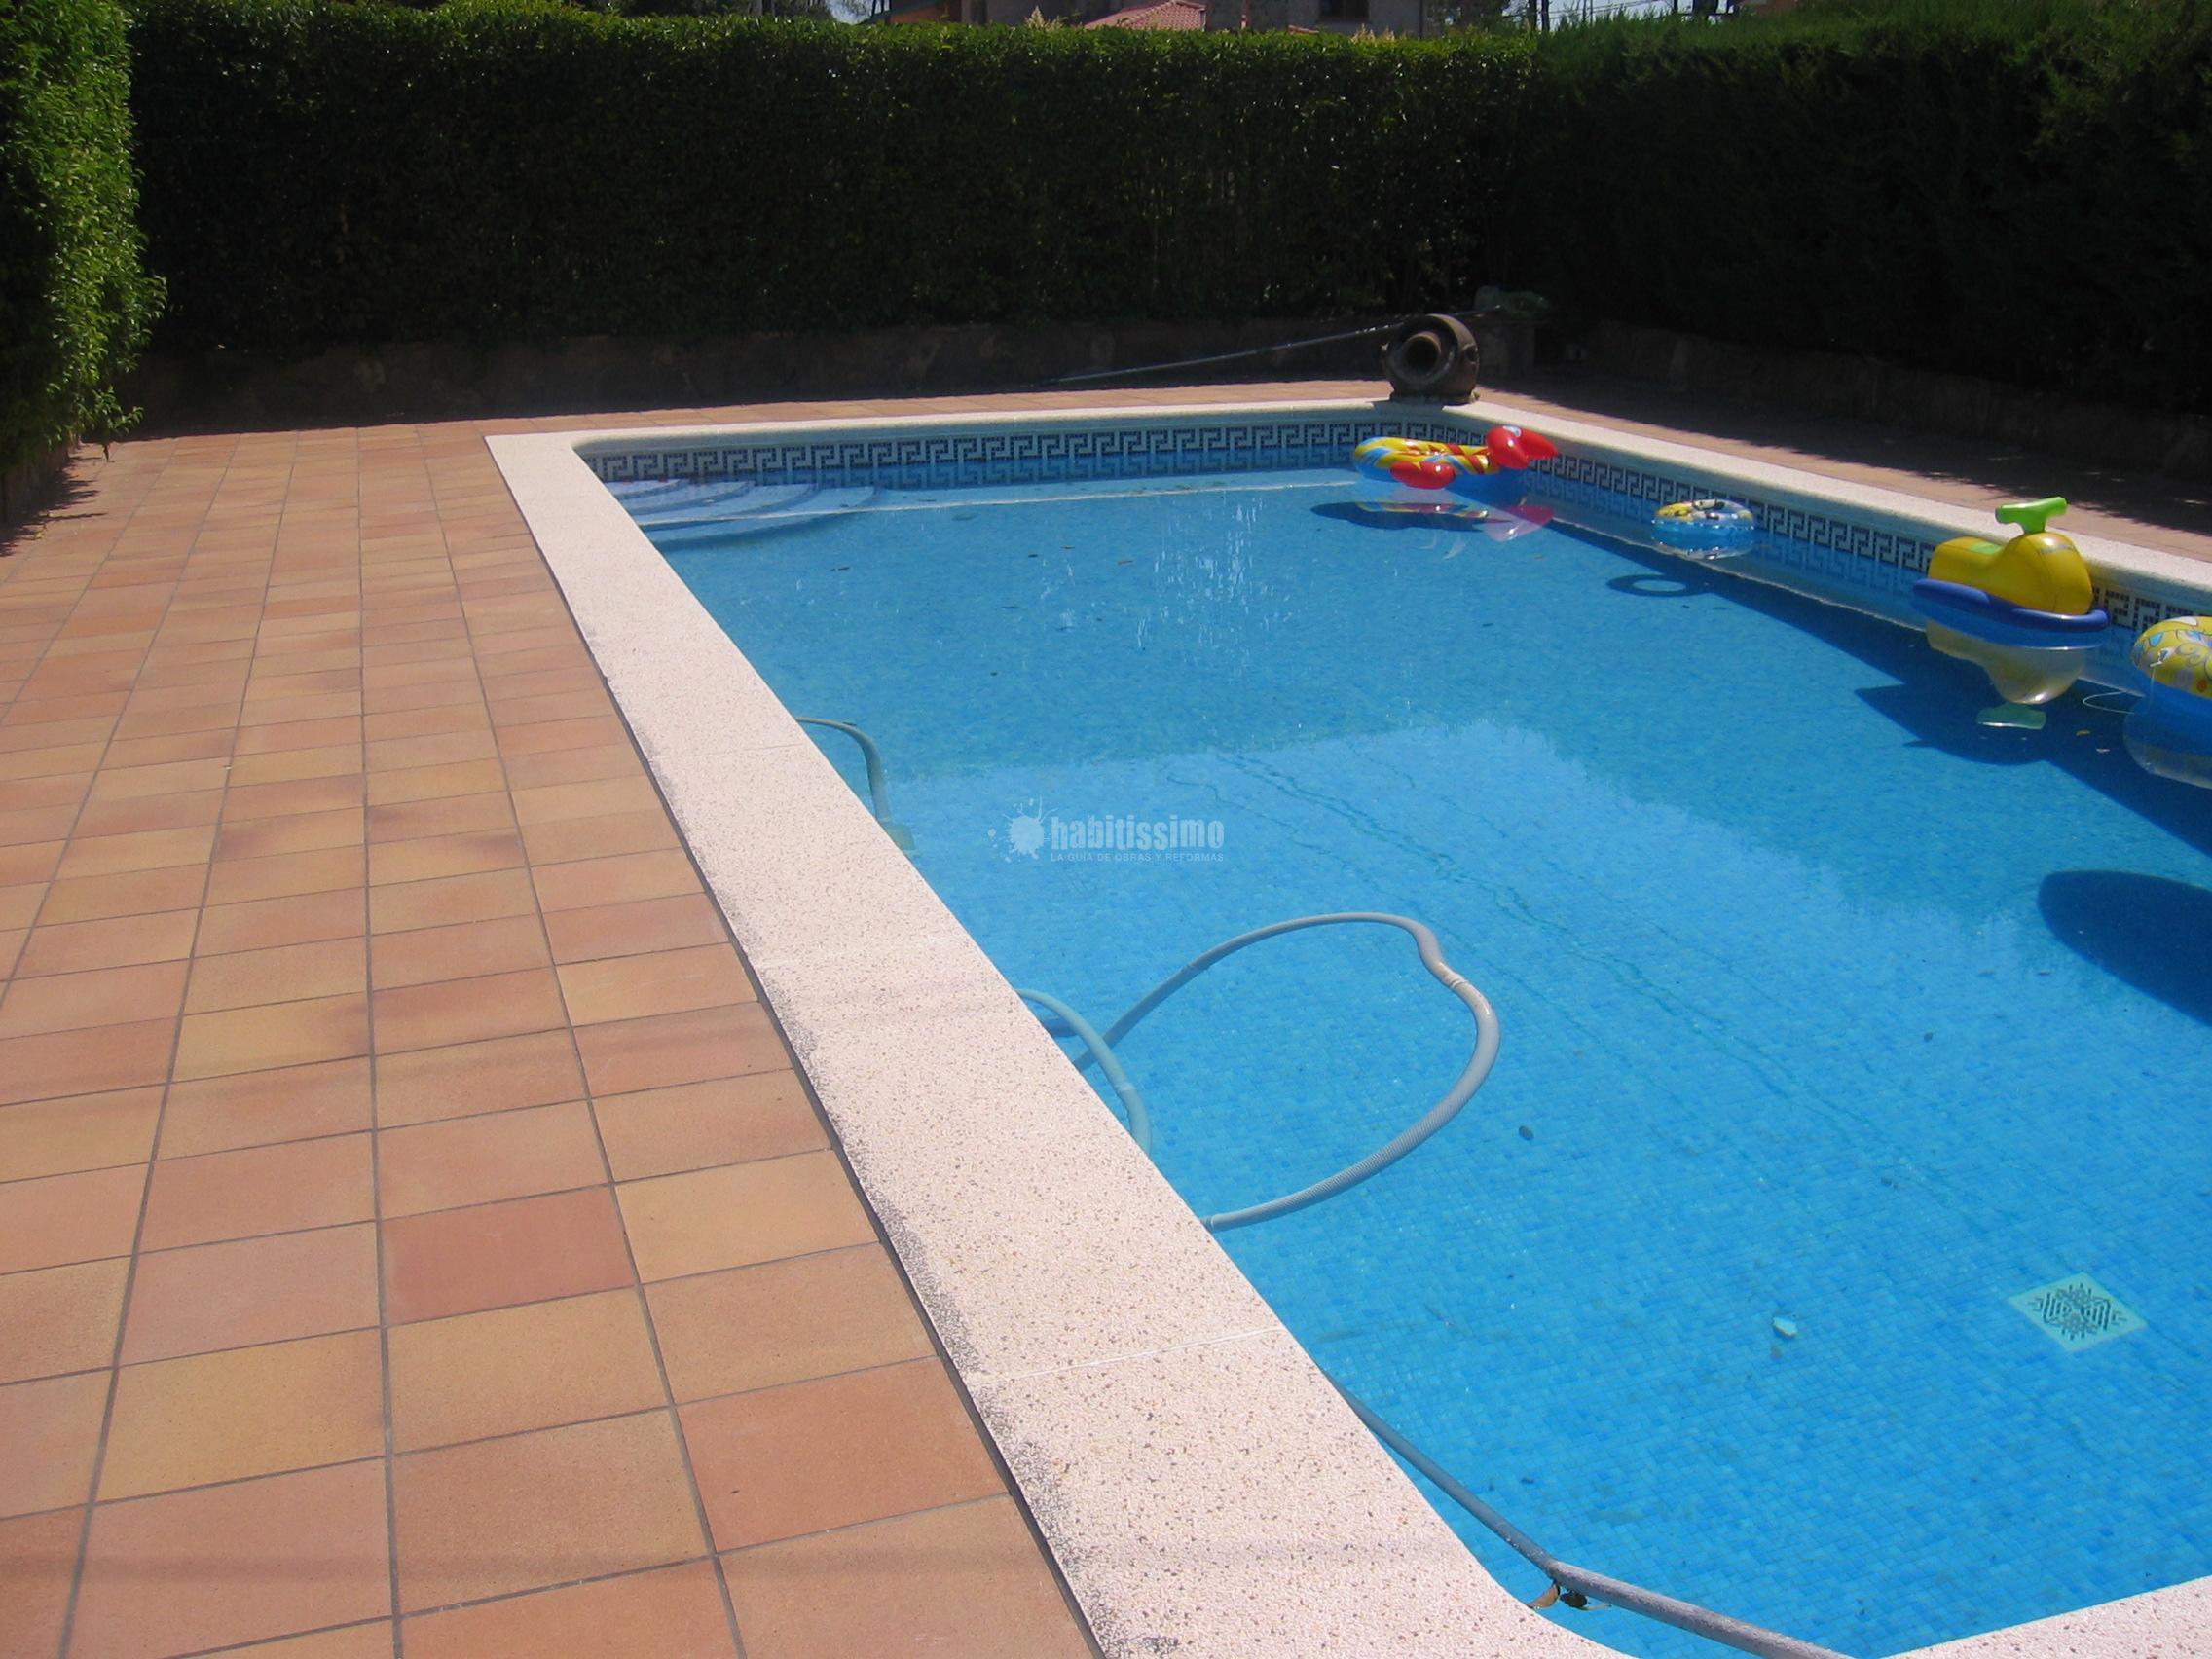 Colocaci n de gres alrededor de una piscina ideas for Se puede fumar en las piscinas